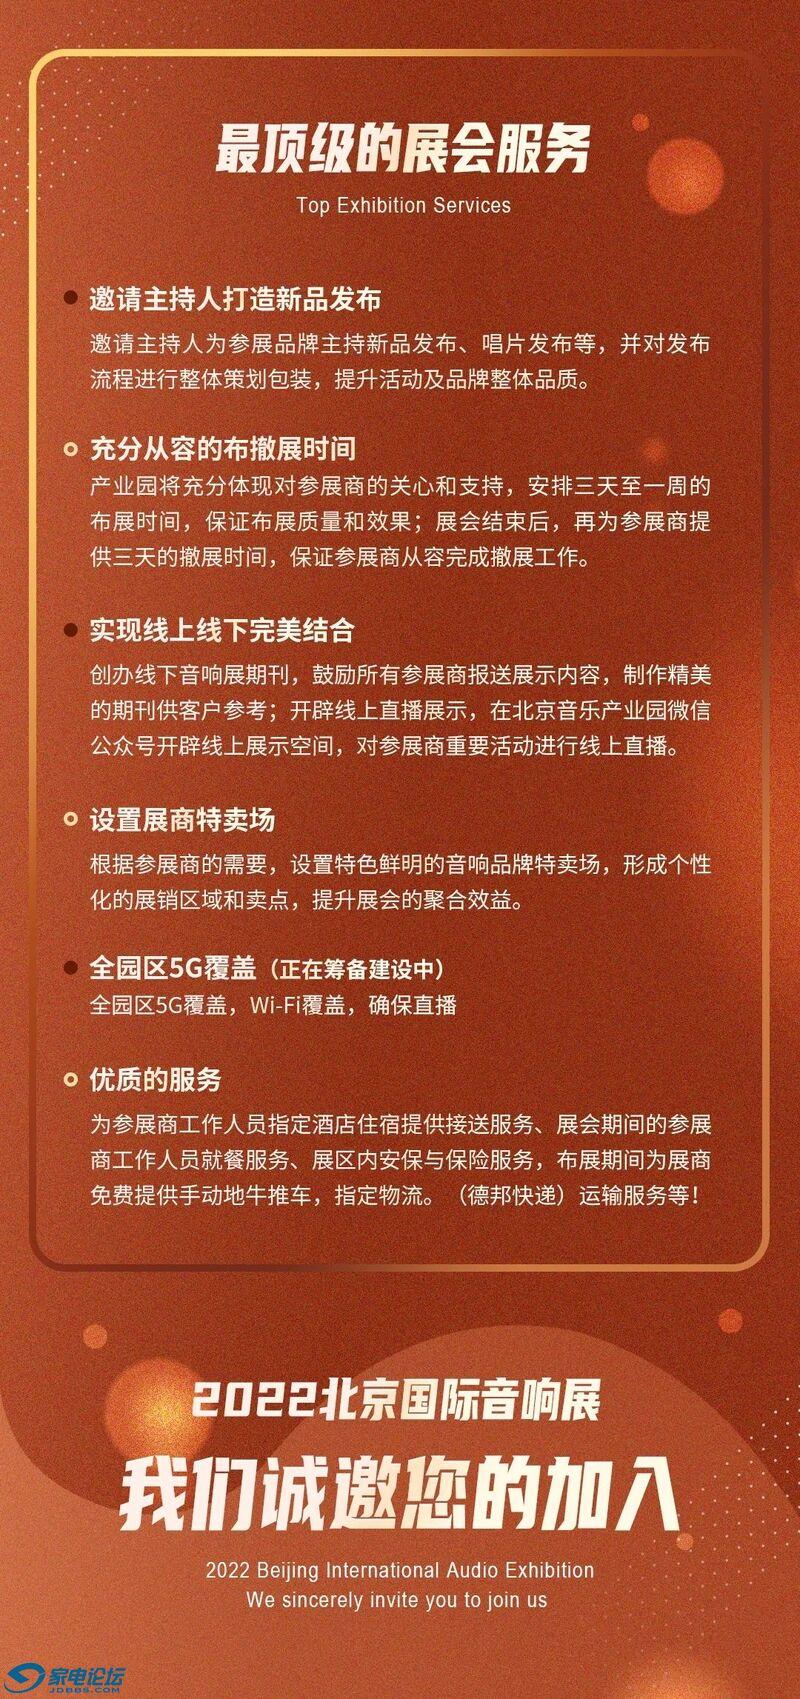 2022北京国际音响展_009.jpeg